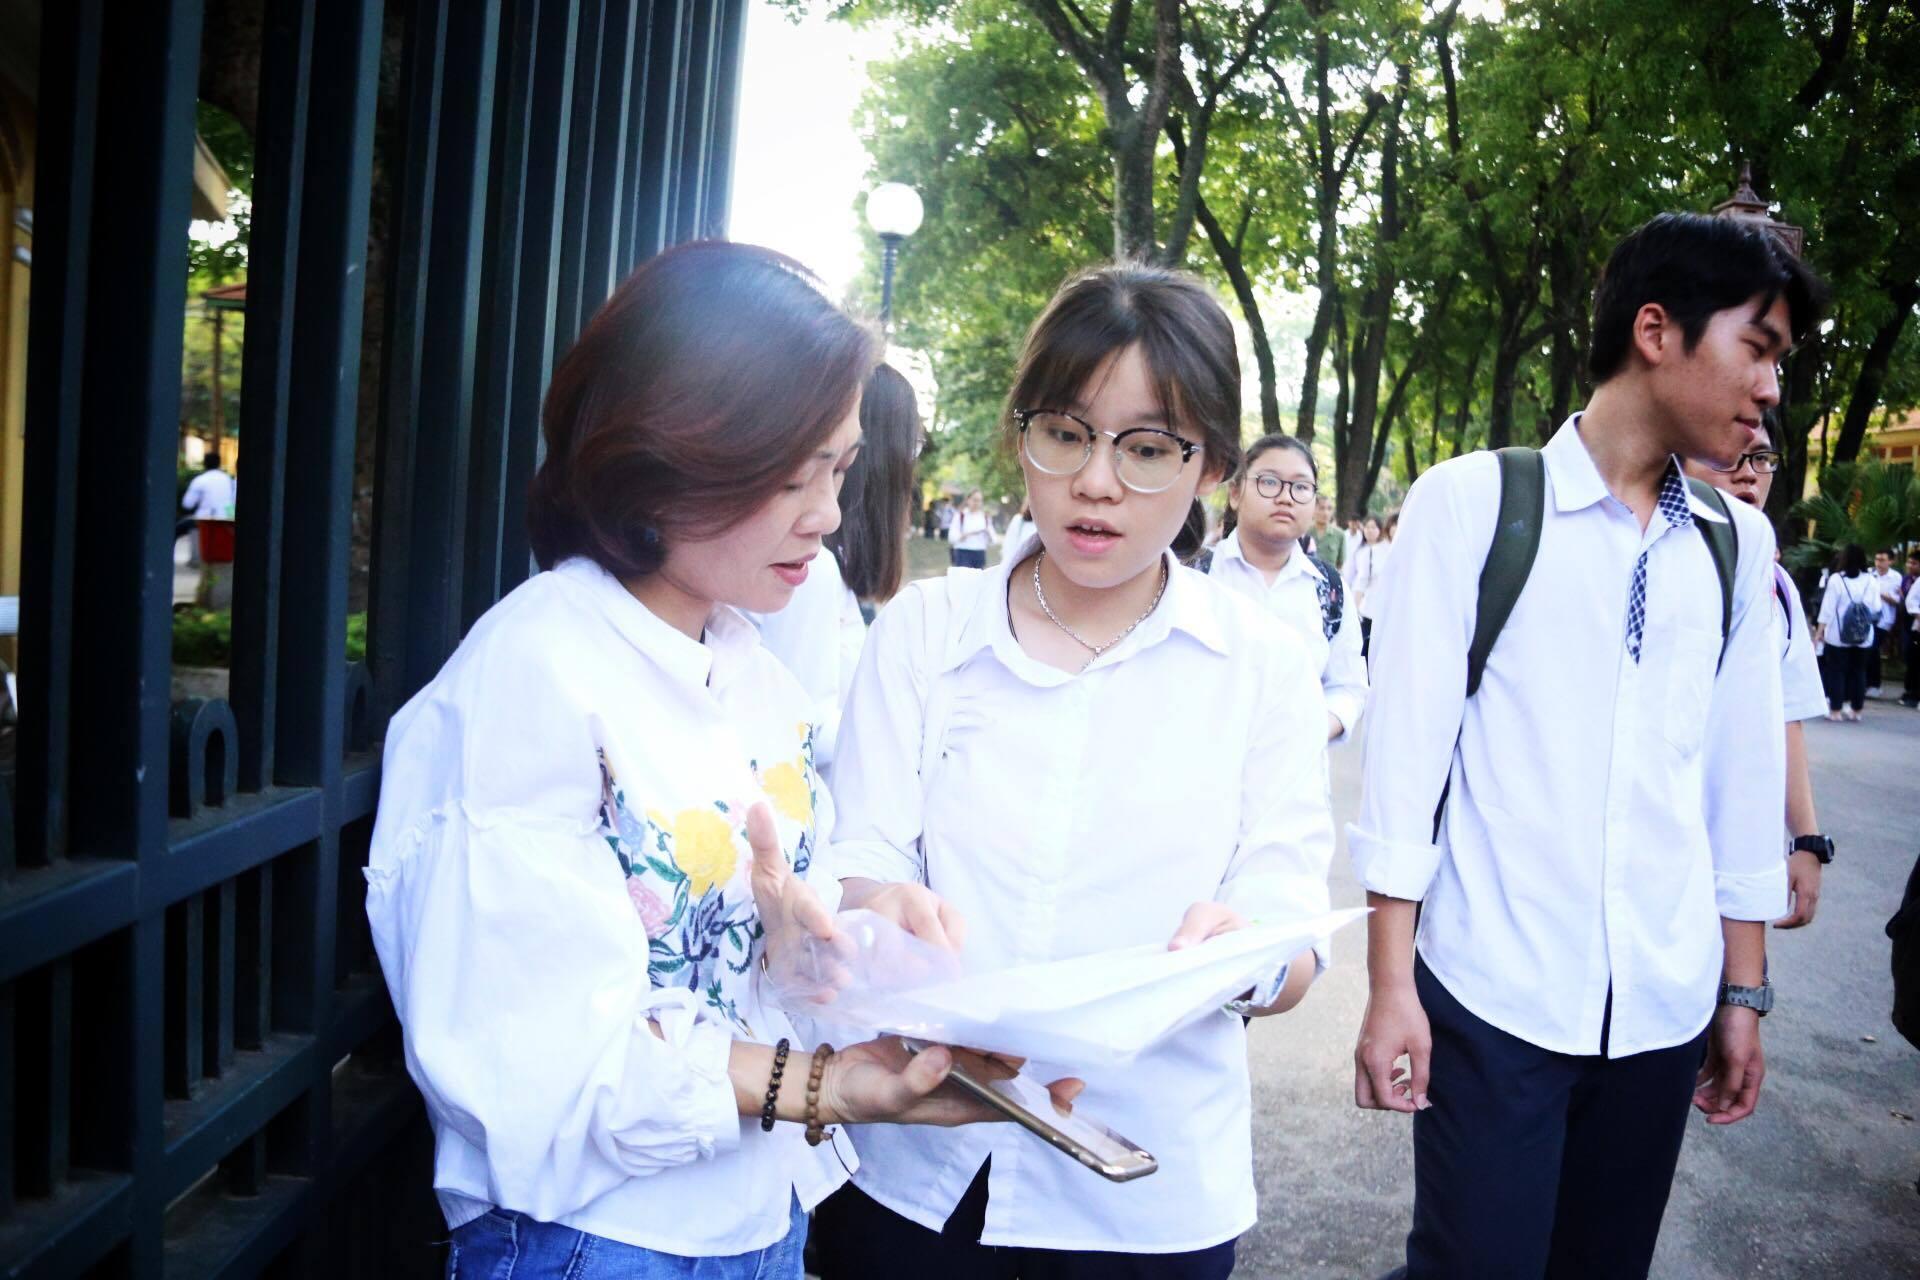 Mẹ con ôm nhau khóc sau giờ thi toán lớp 10 ở Hà Nội